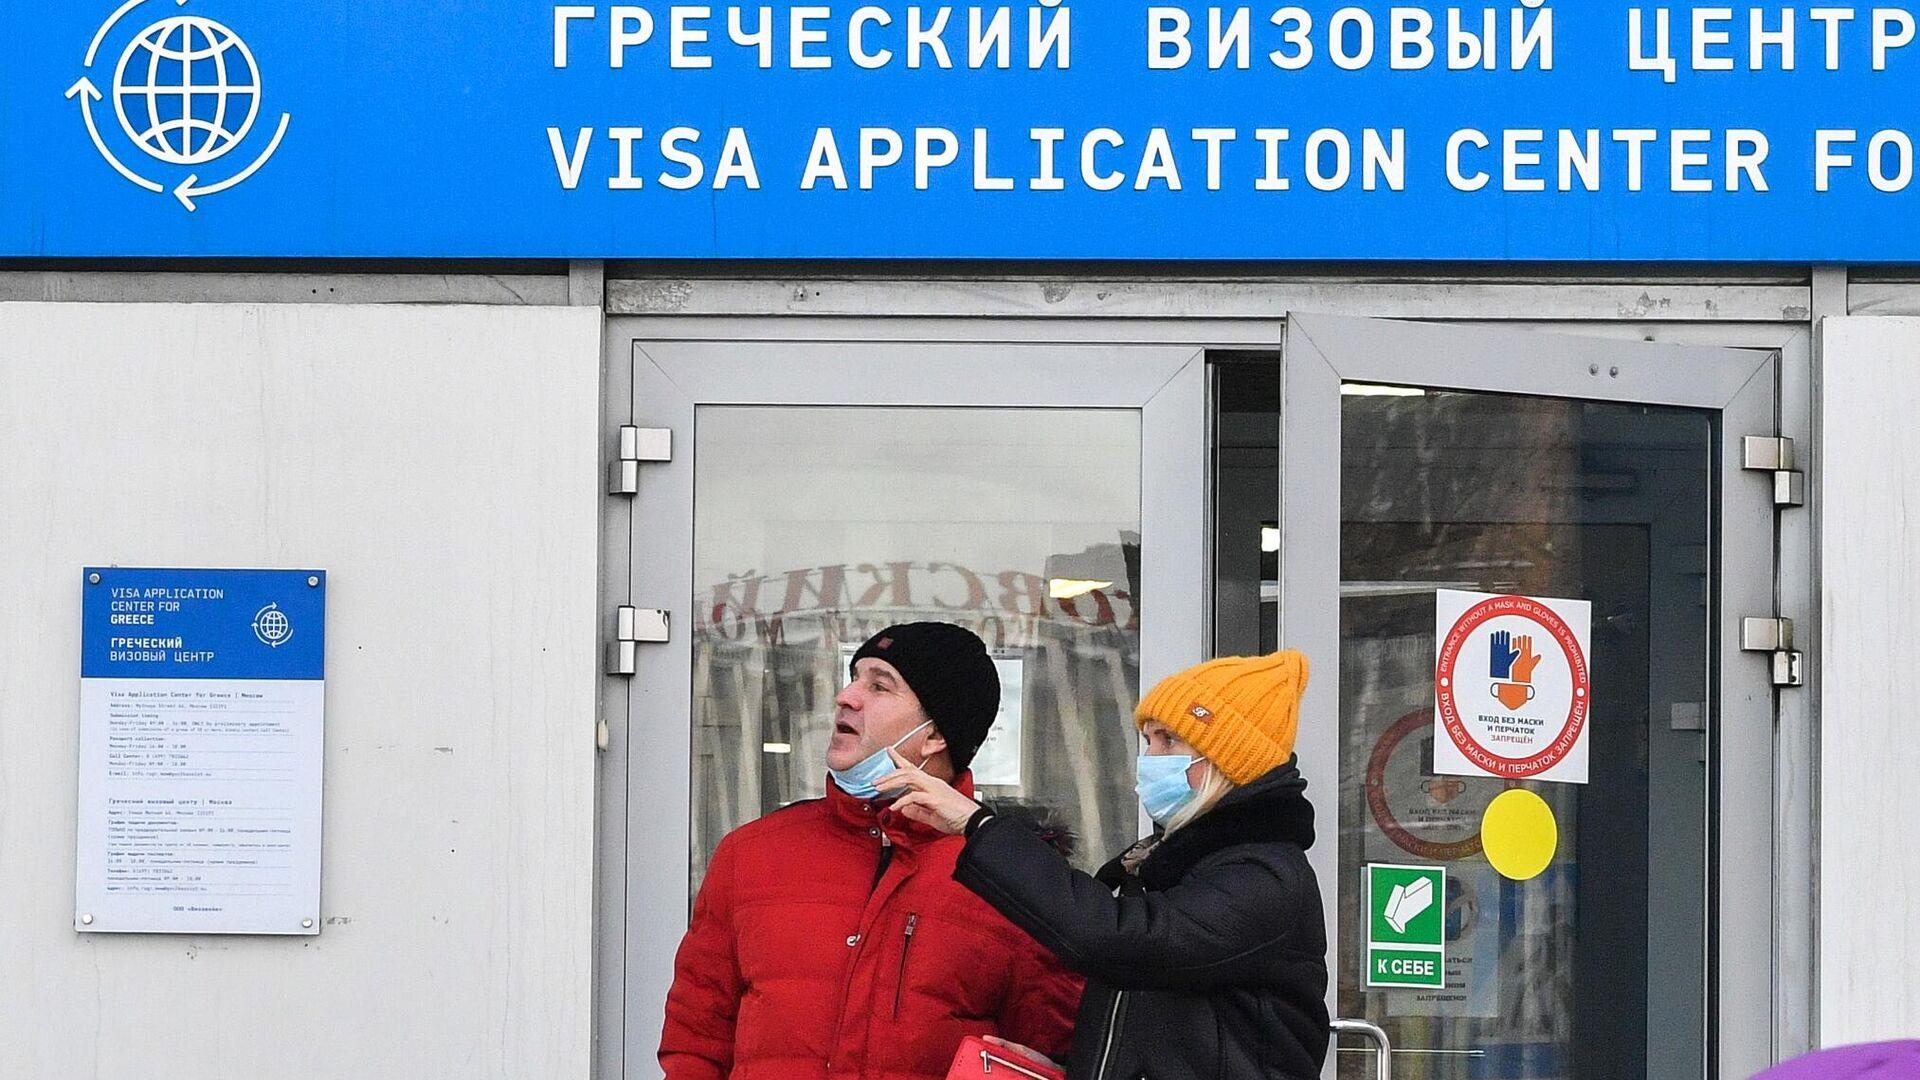 Посетители выходят из визового центра Греции в Москве - РИА Новости, 1920, 09.02.2021